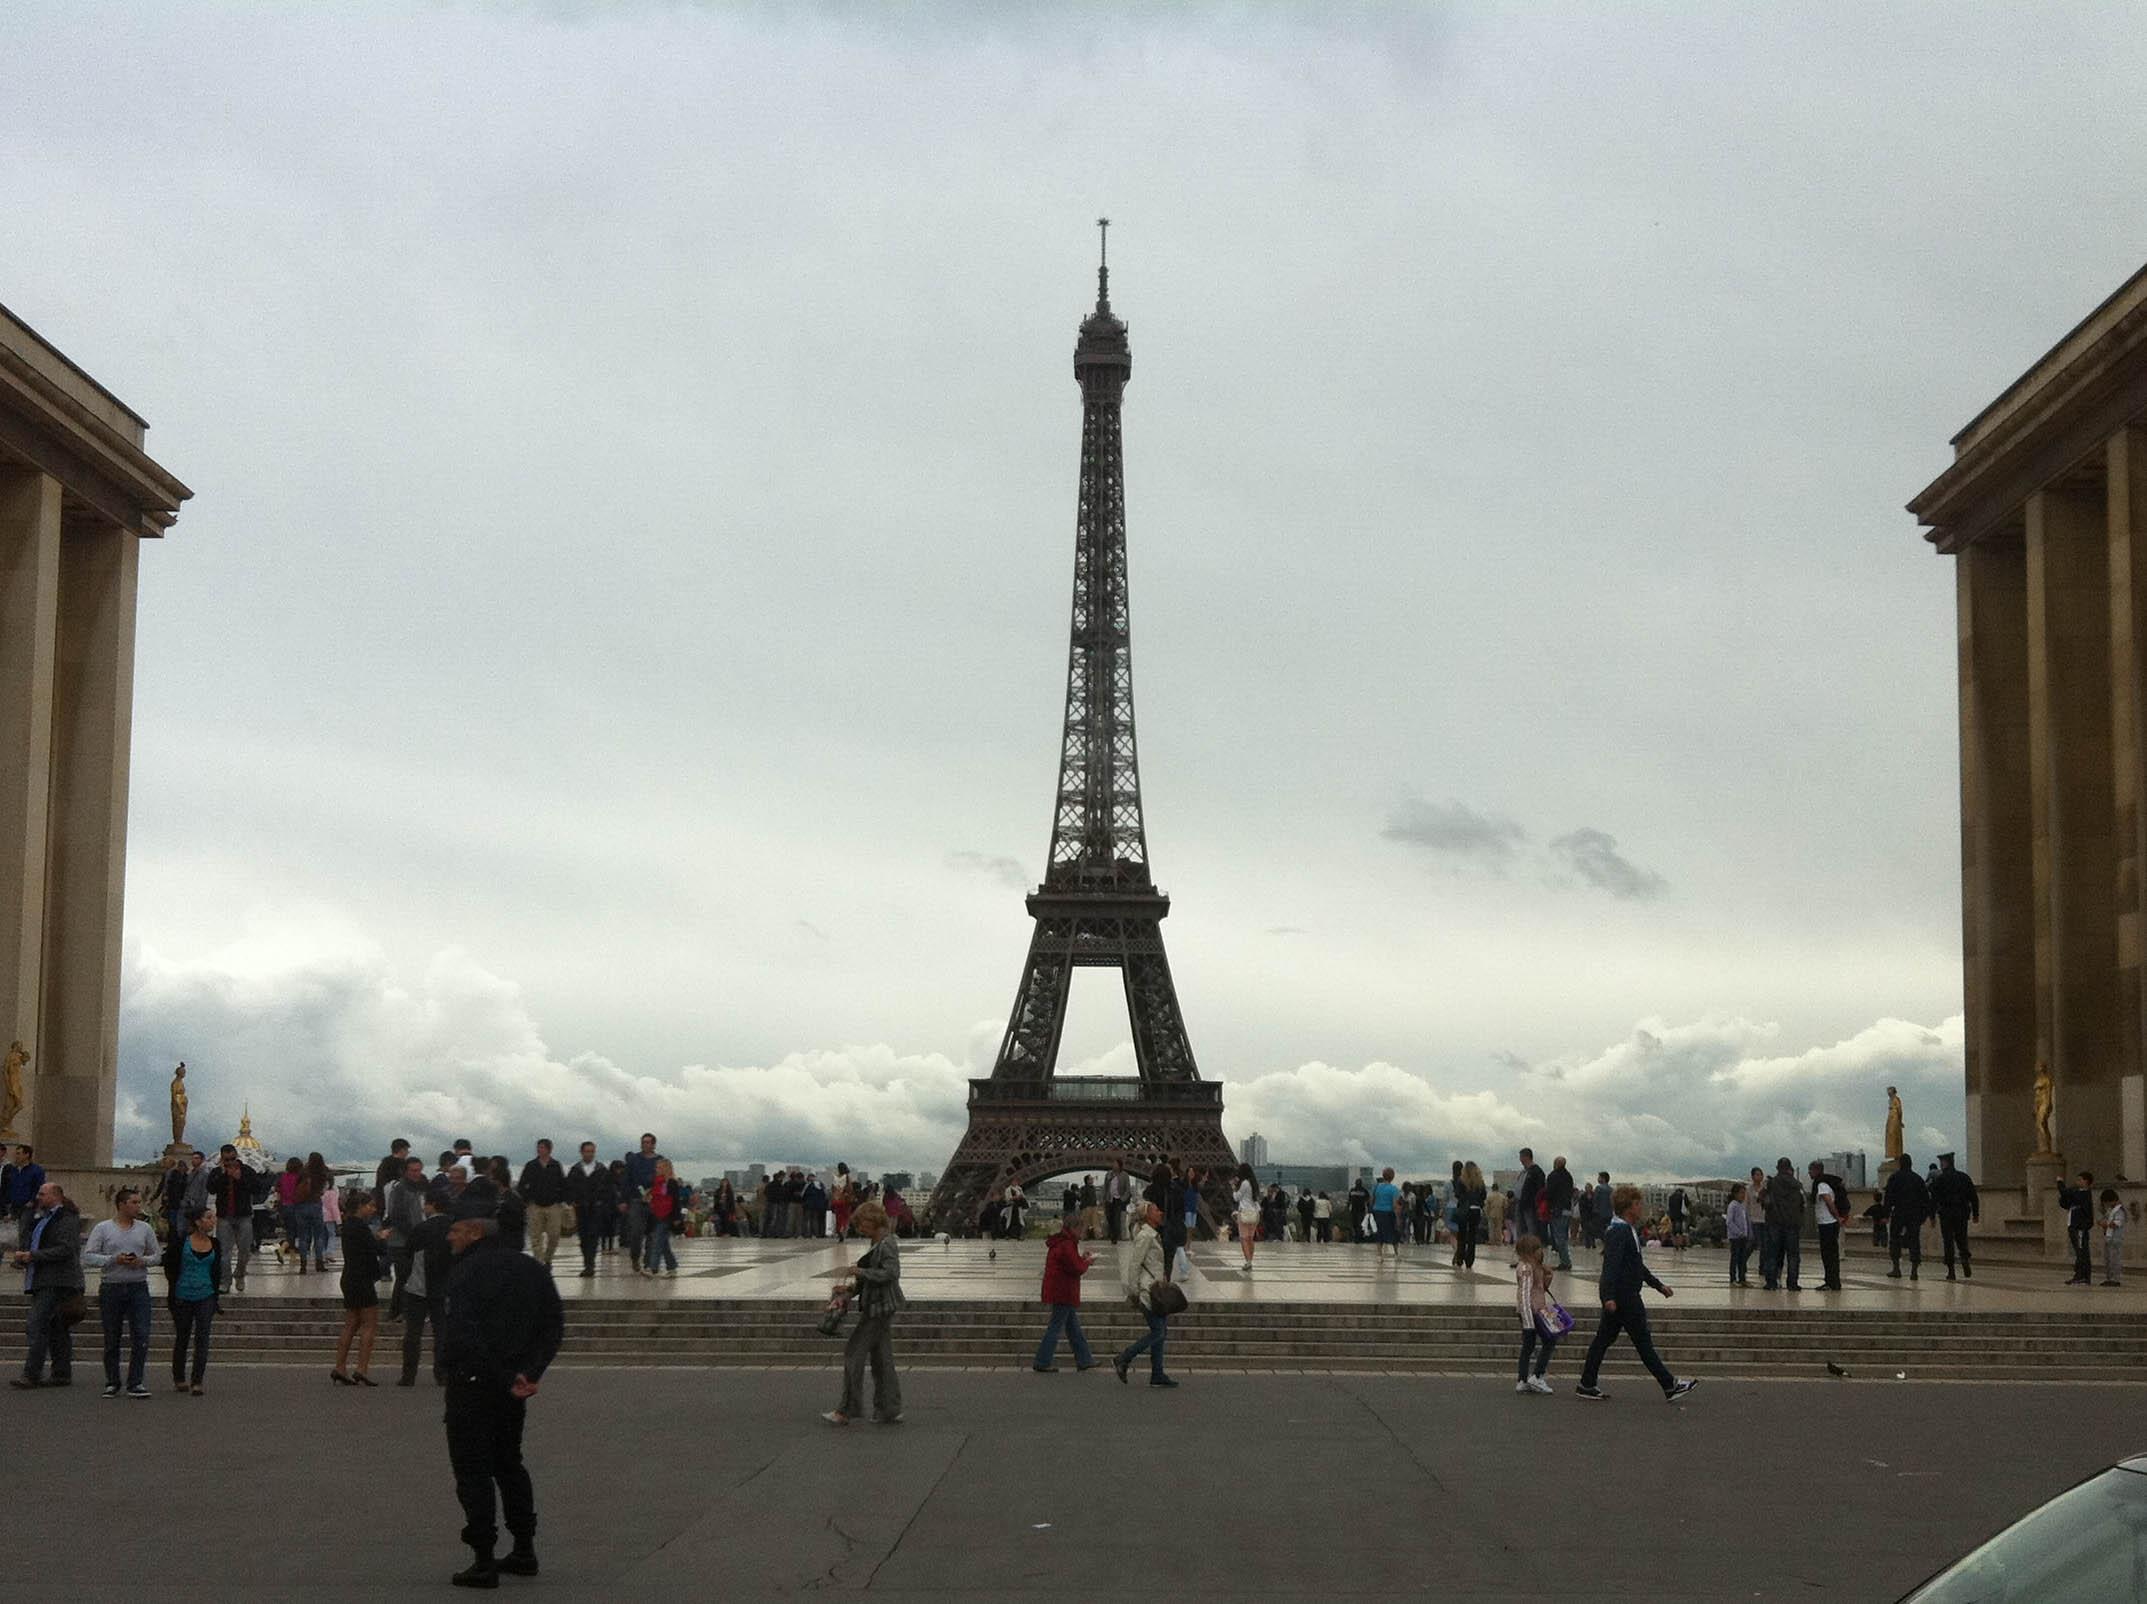 Paris, France 2011